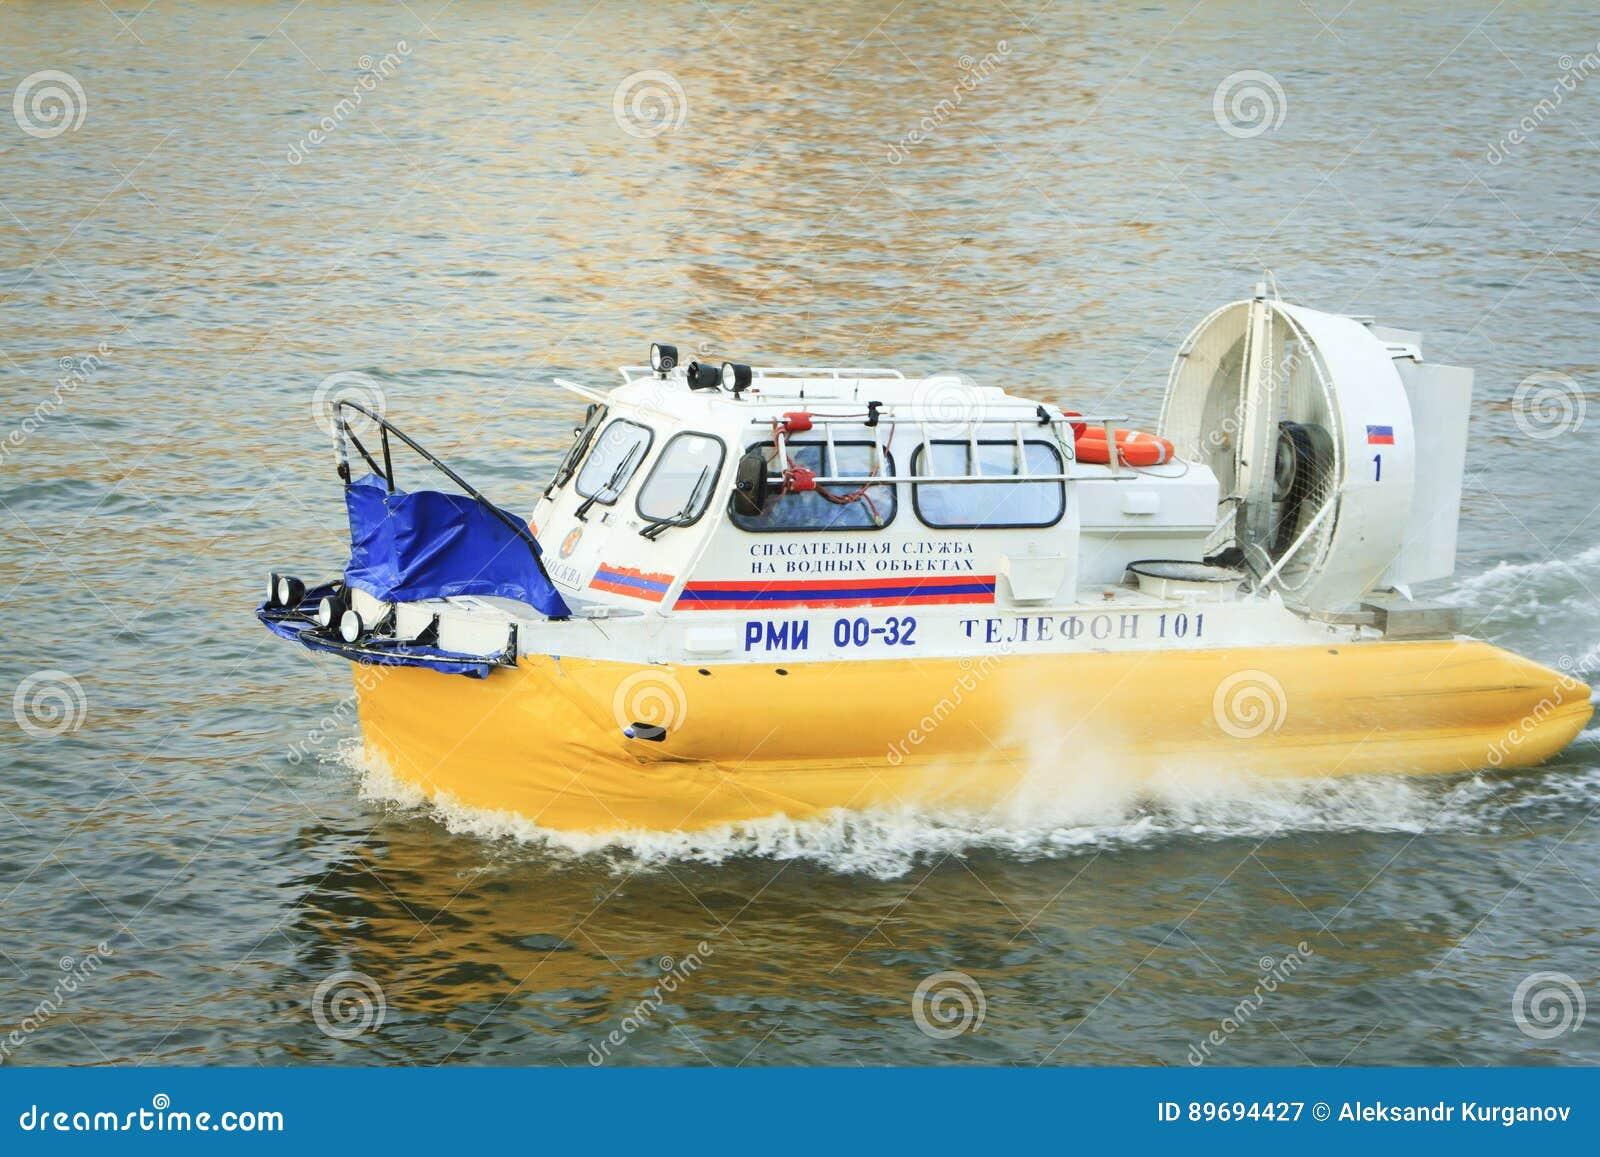 Battello Su Cuscino D Aria.La Barca Sul Cuscino D Aria Russo Di Ministero Di Emergenza